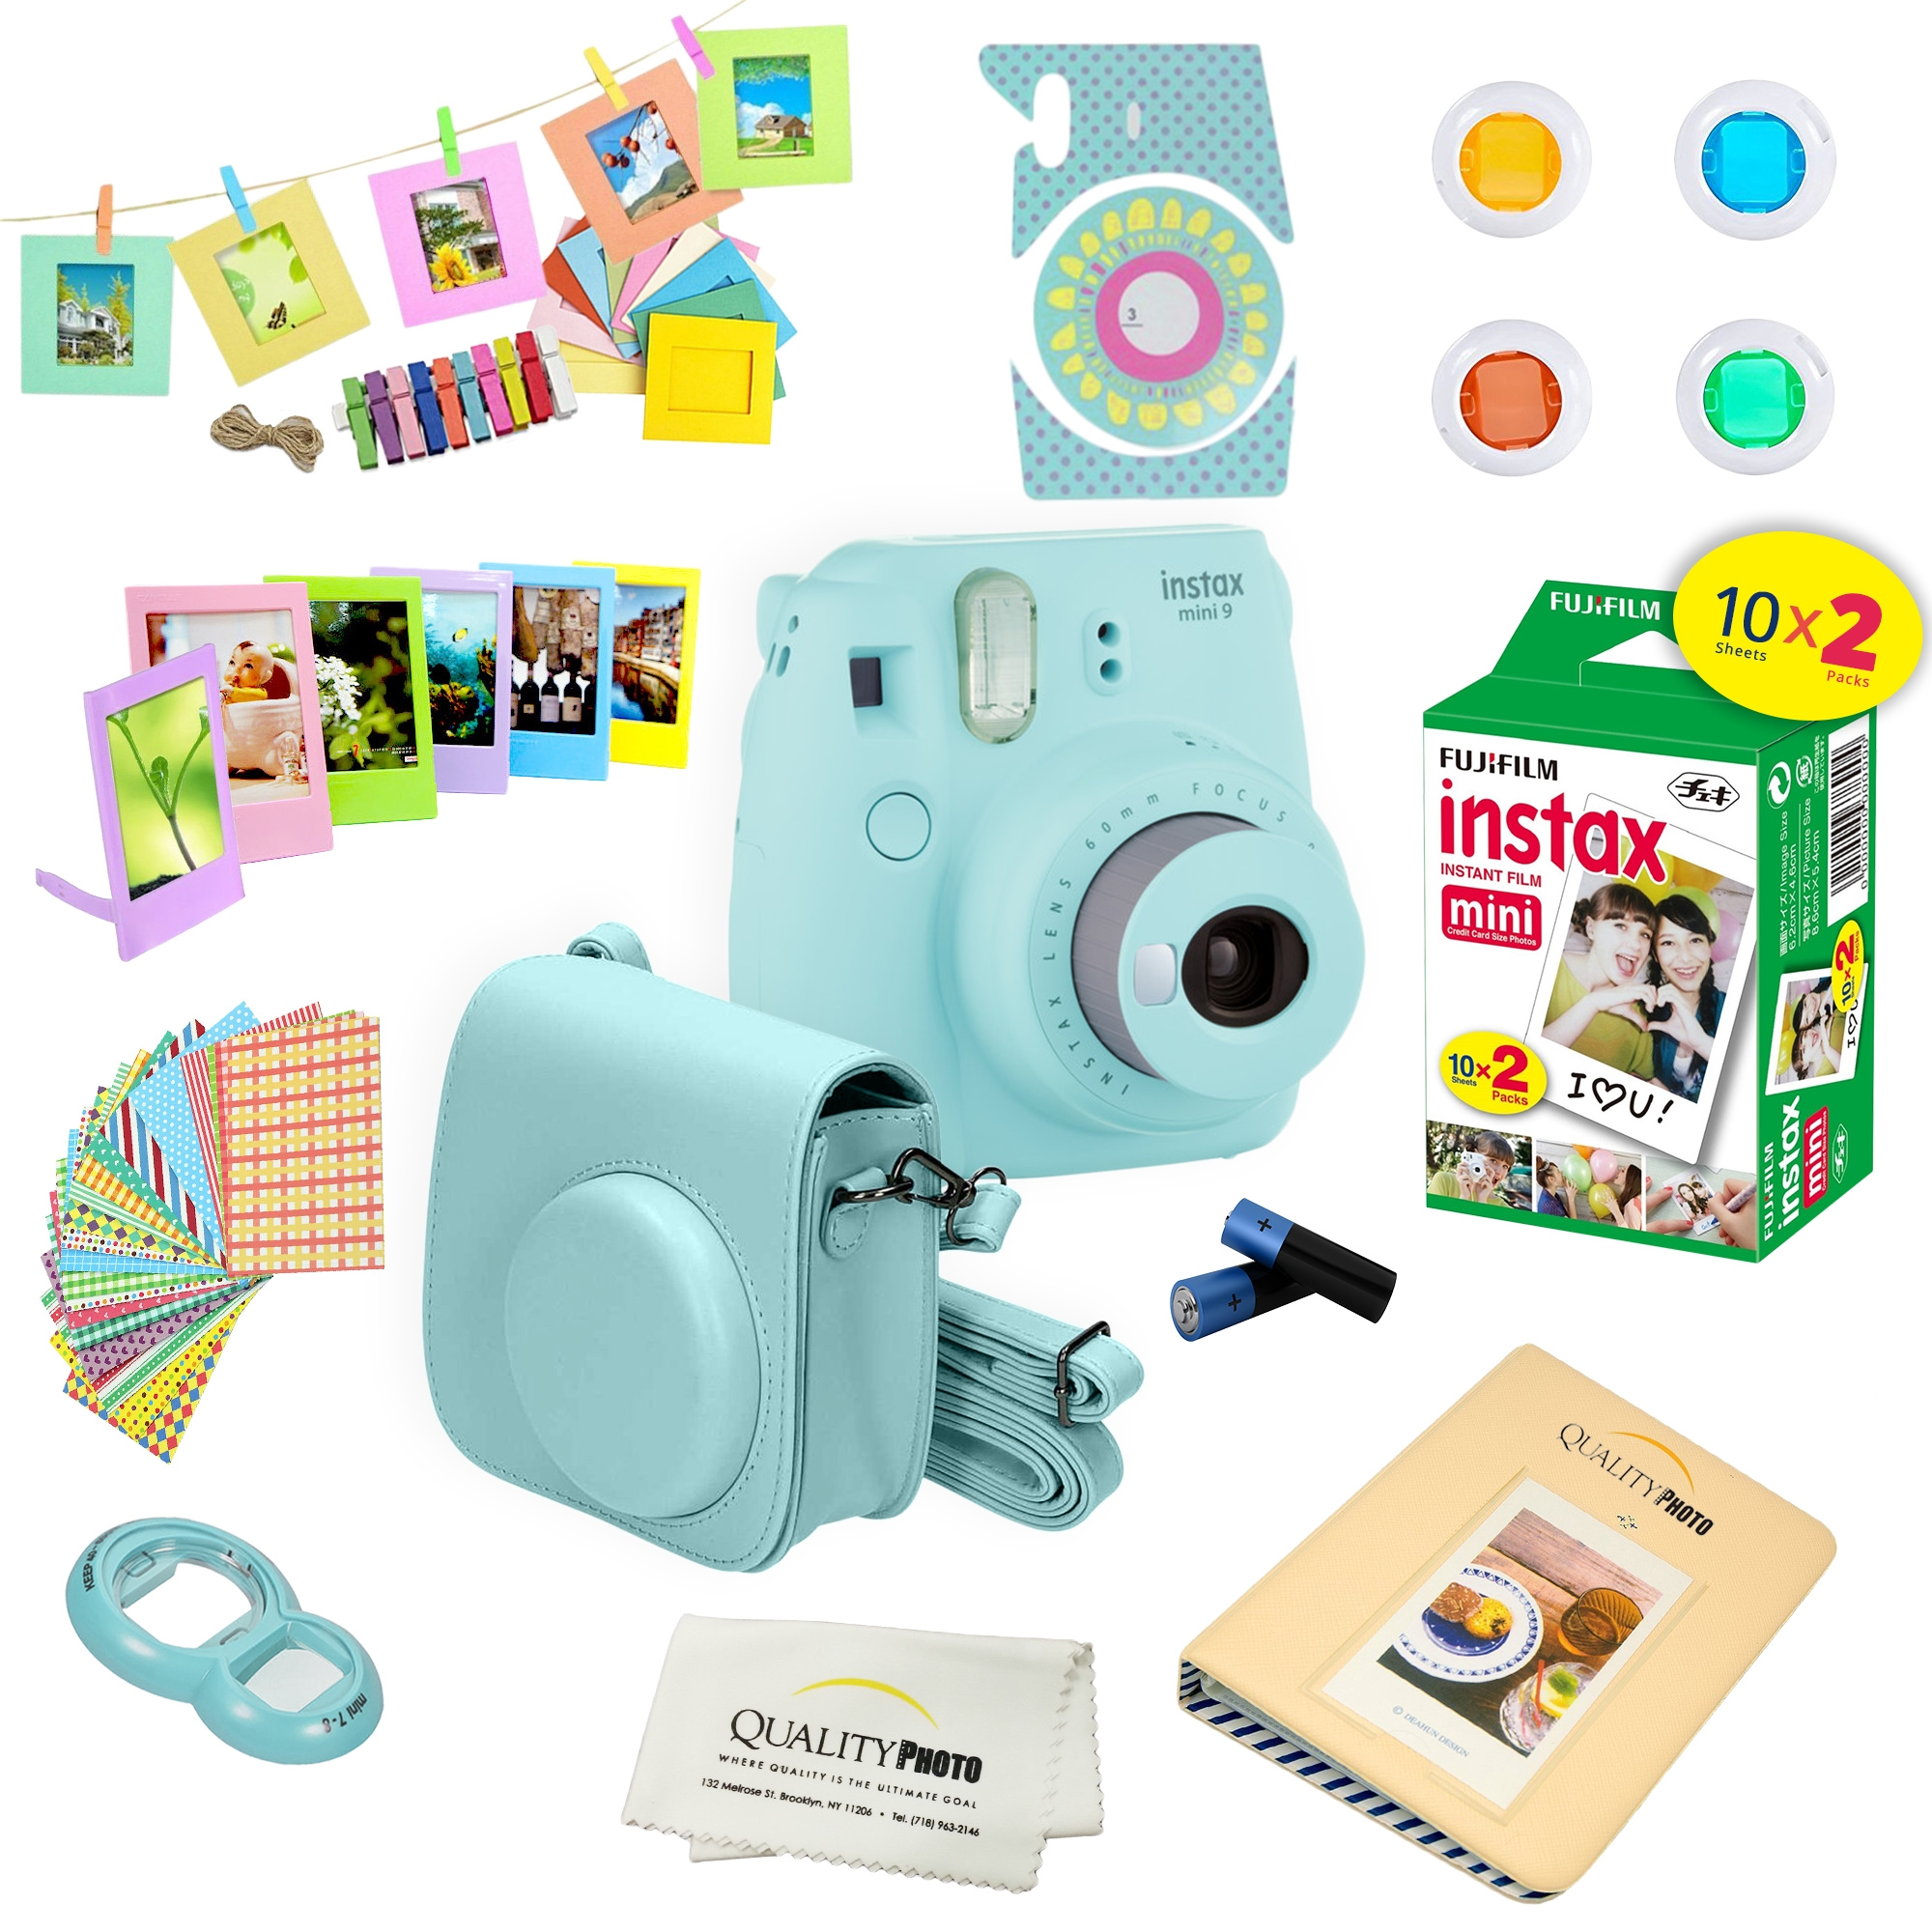 Fujifilm INSTAX Mini Instant Film 2 Pack = 20 Sheets White for Fujifilm Mini 8 /& Mini 9 Cameras